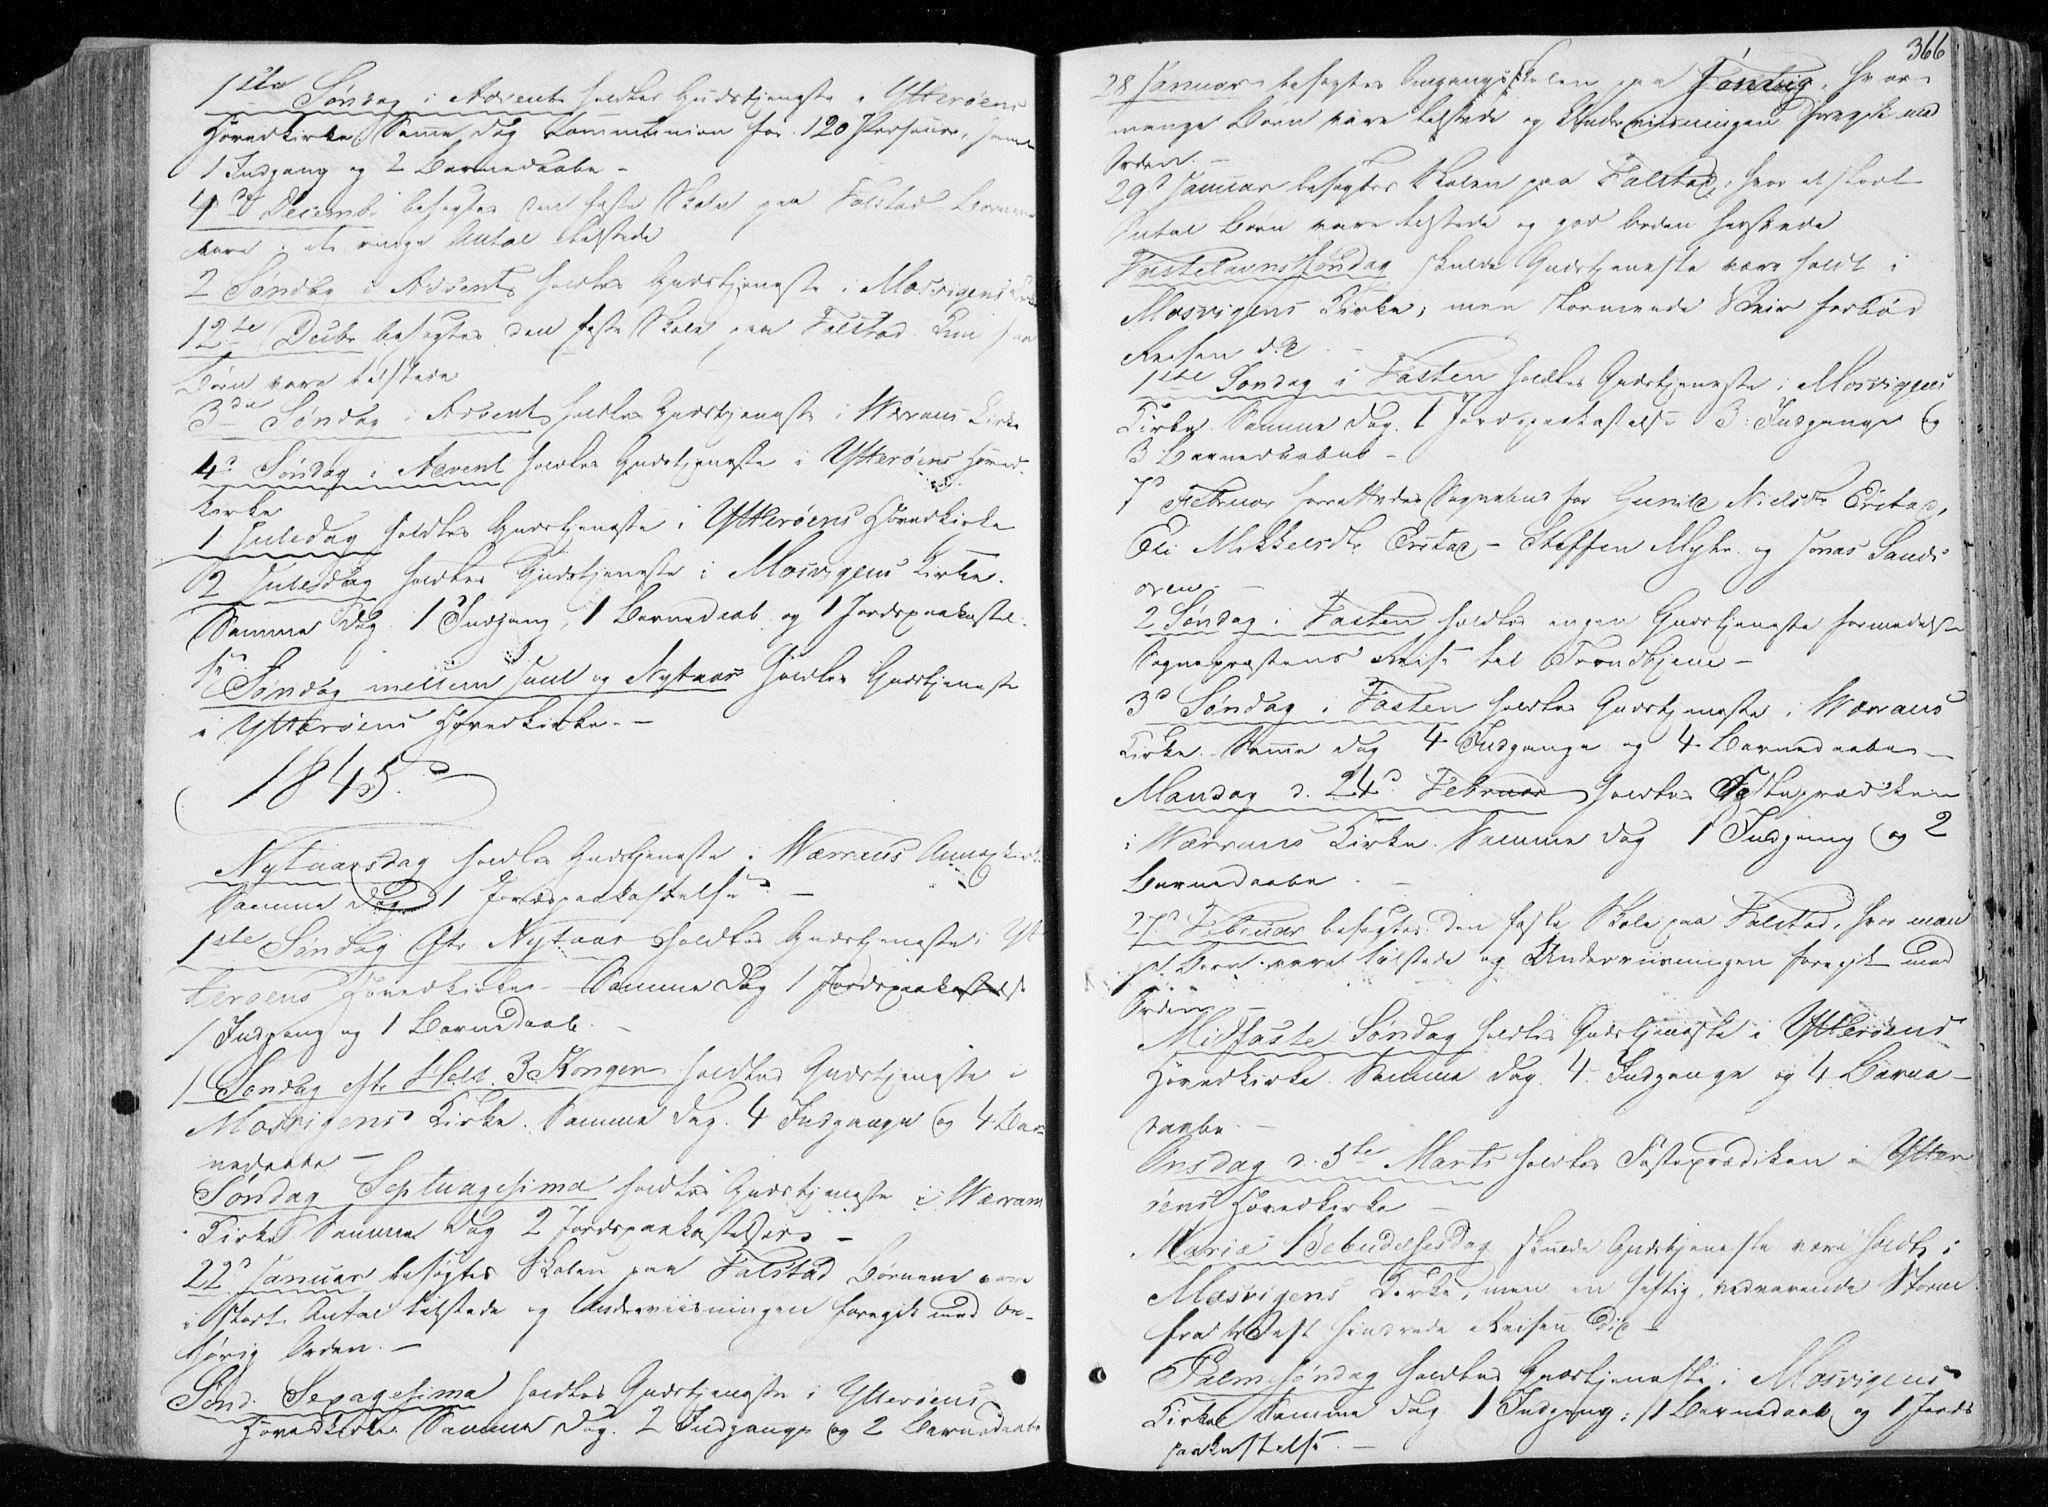 SAT, Ministerialprotokoller, klokkerbøker og fødselsregistre - Nord-Trøndelag, 722/L0218: Ministerialbok nr. 722A05, 1843-1868, s. 366